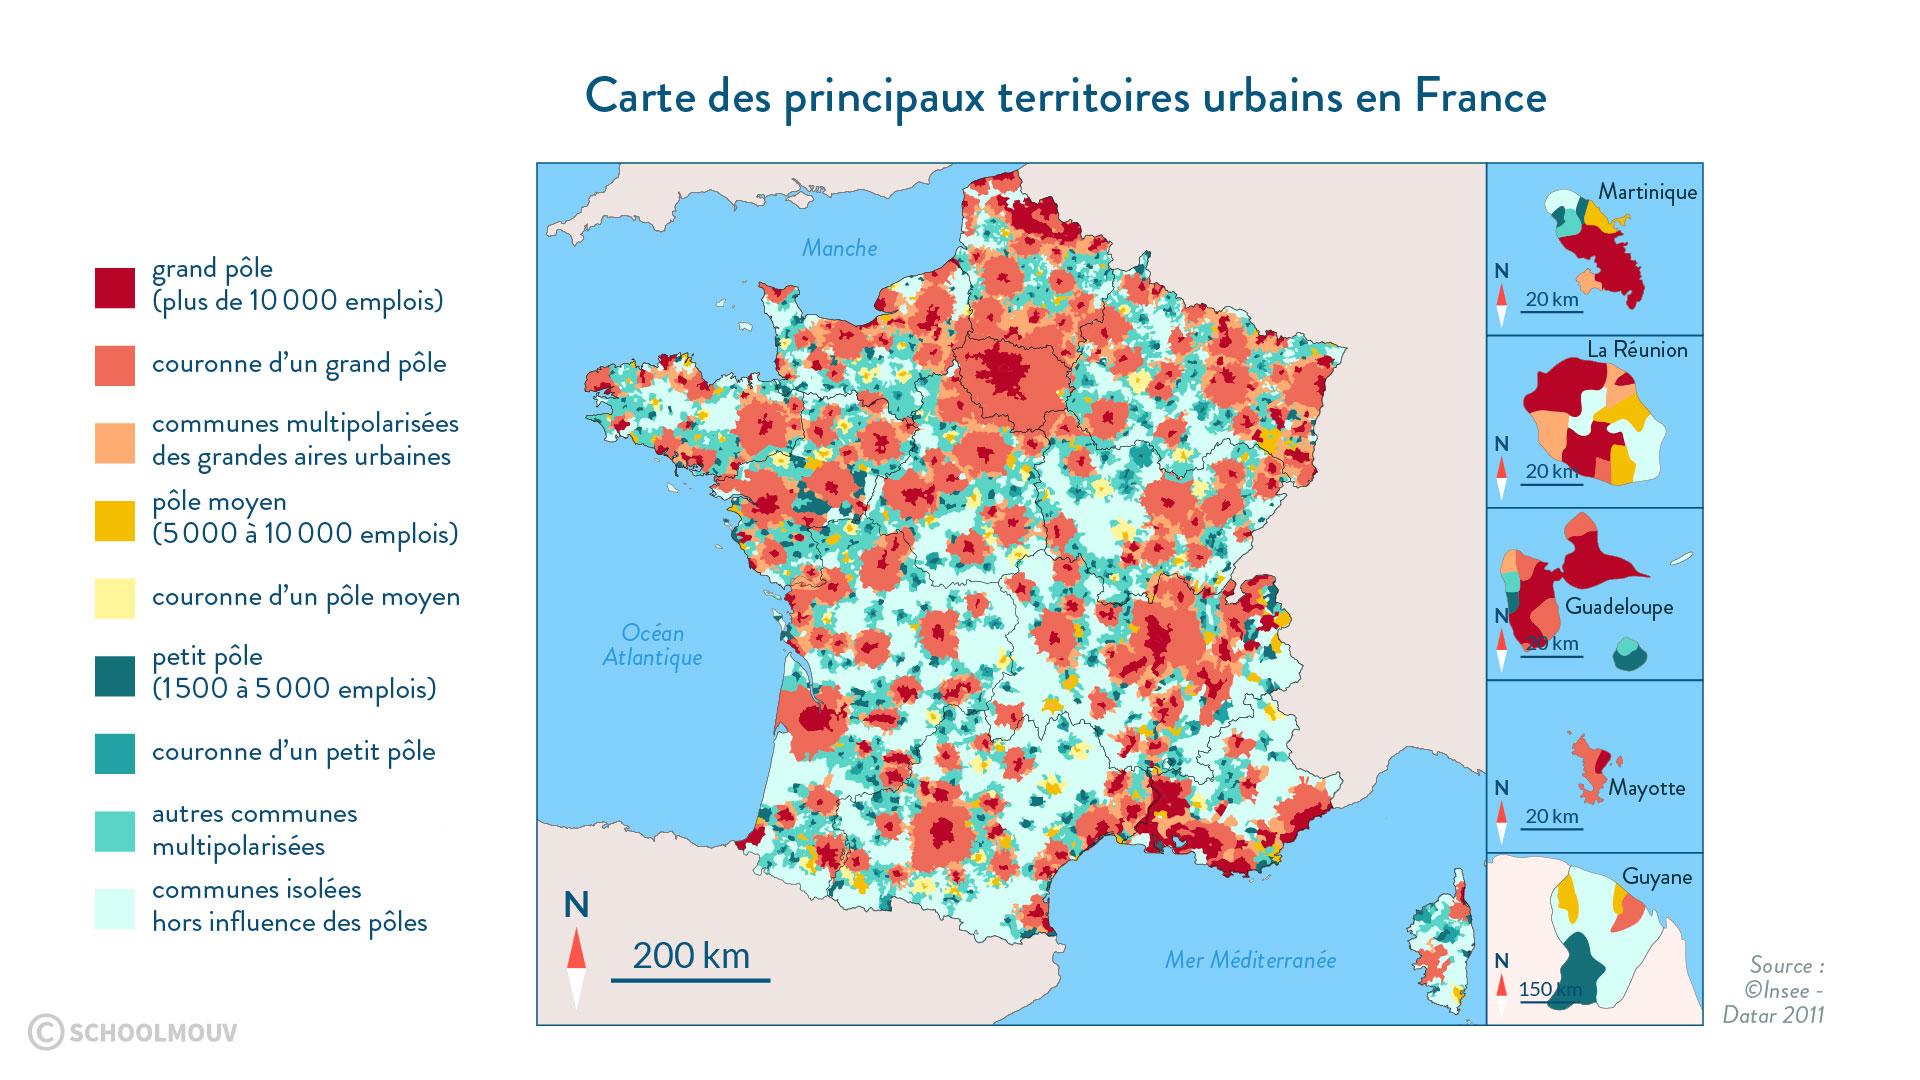 Carte des principaux territoires urbains en France - SchoolMouv - 2de - Géographie